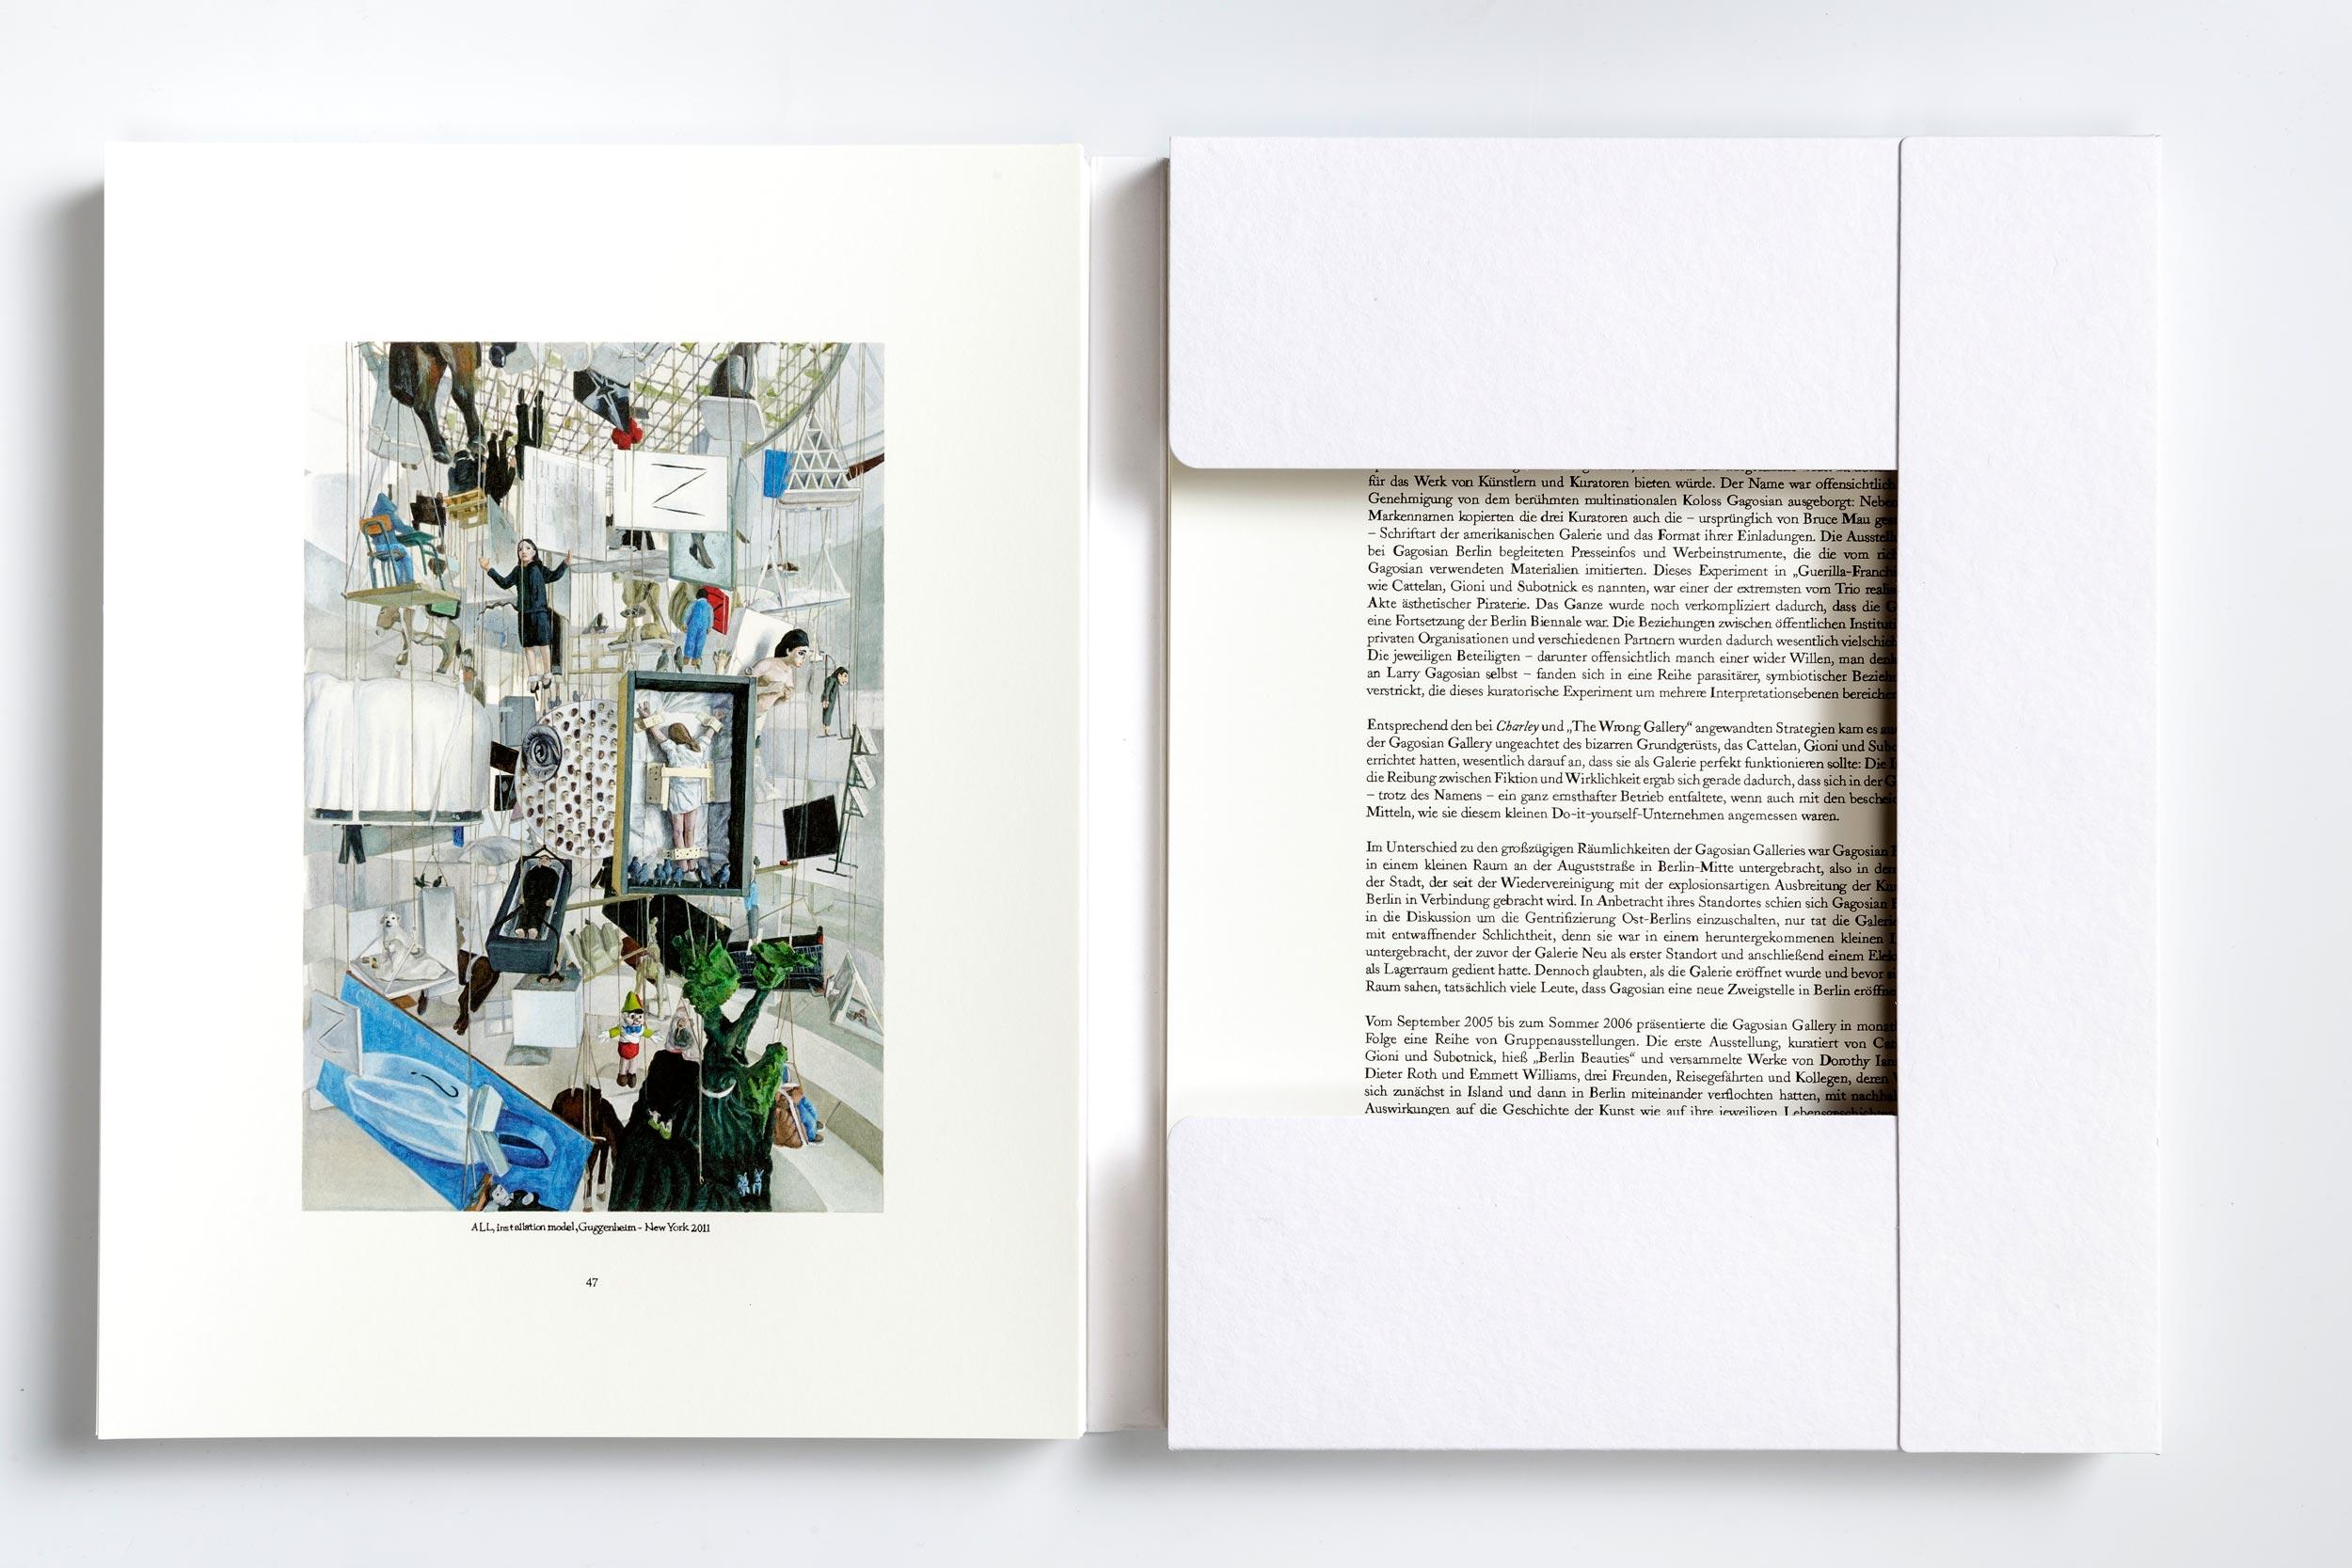 Penccil book cattelan f t g solutioingenieria Images